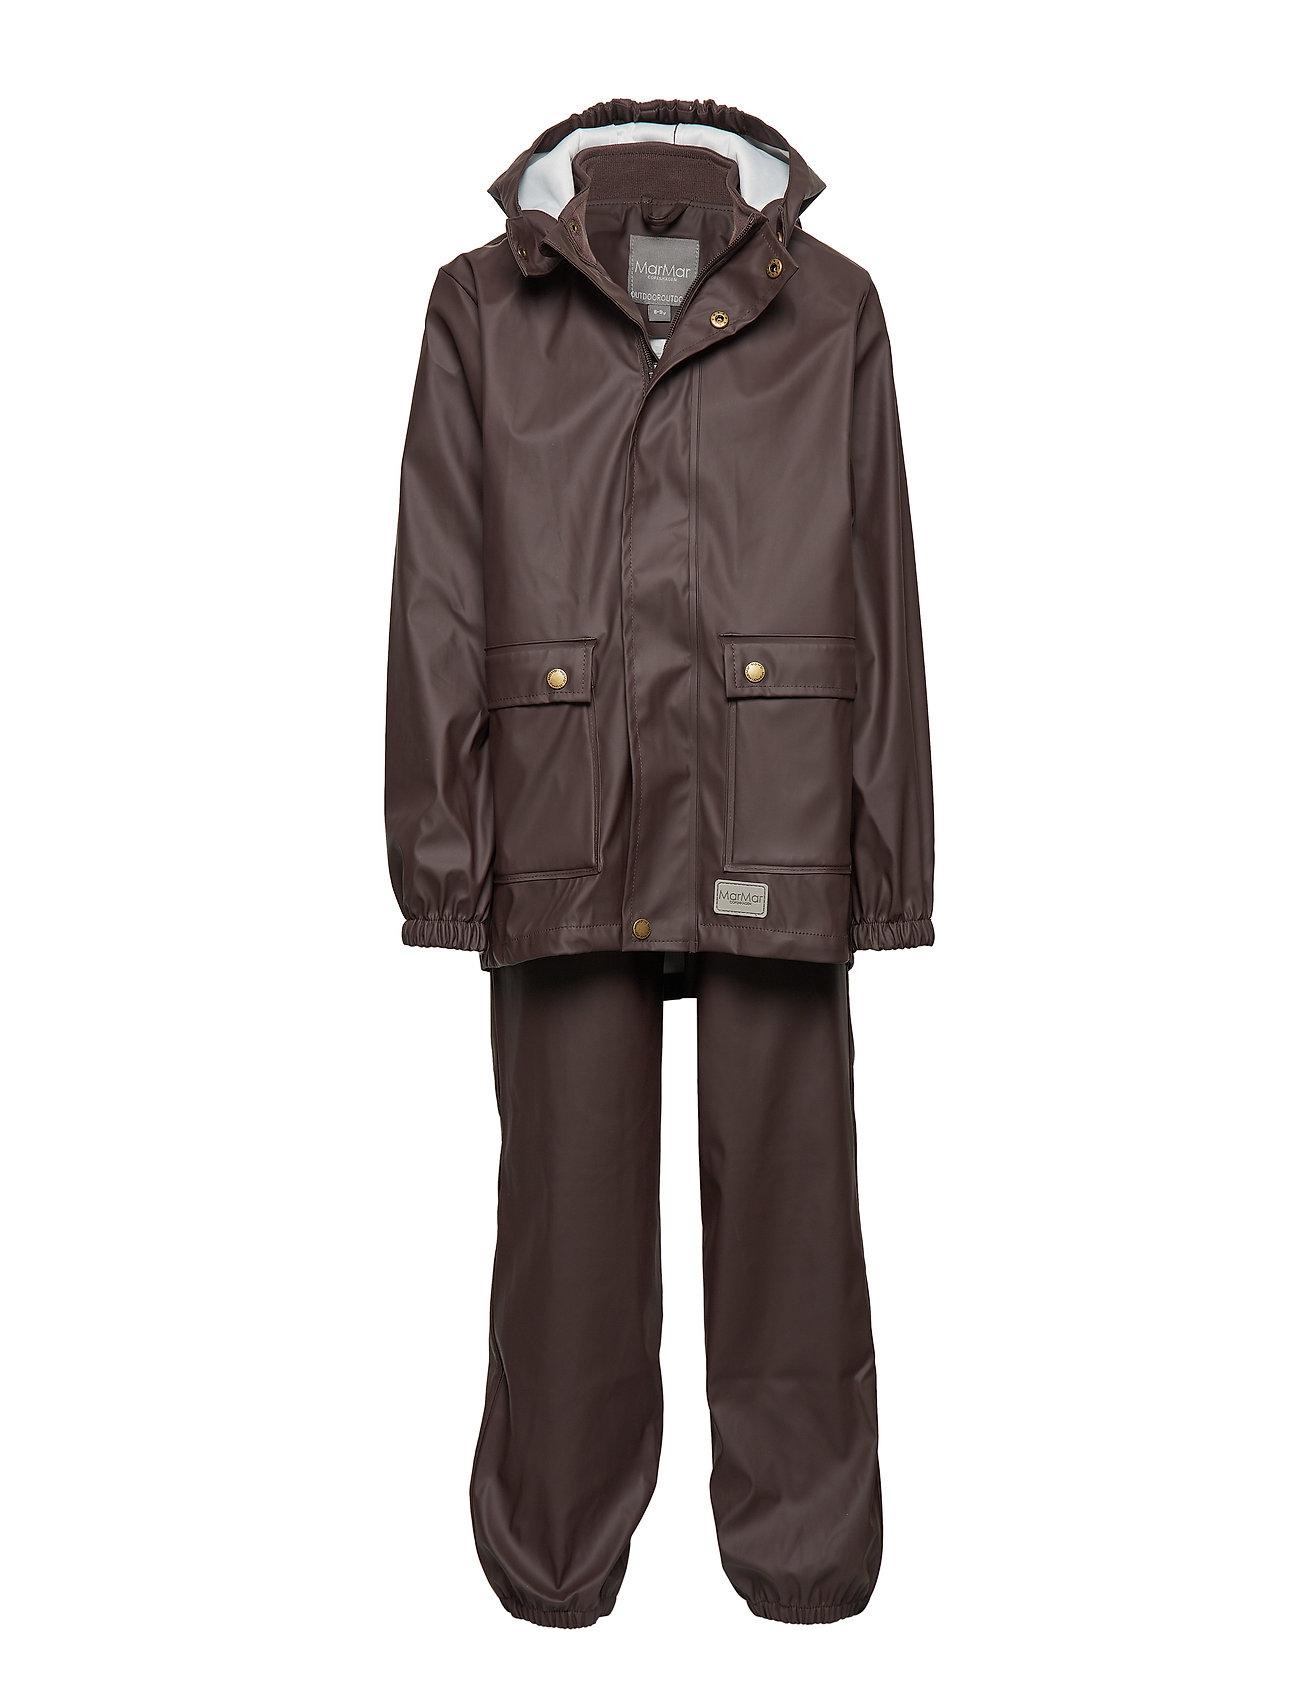 MarMar Cph Rainwear Set Kids Boy - ESPRESSO